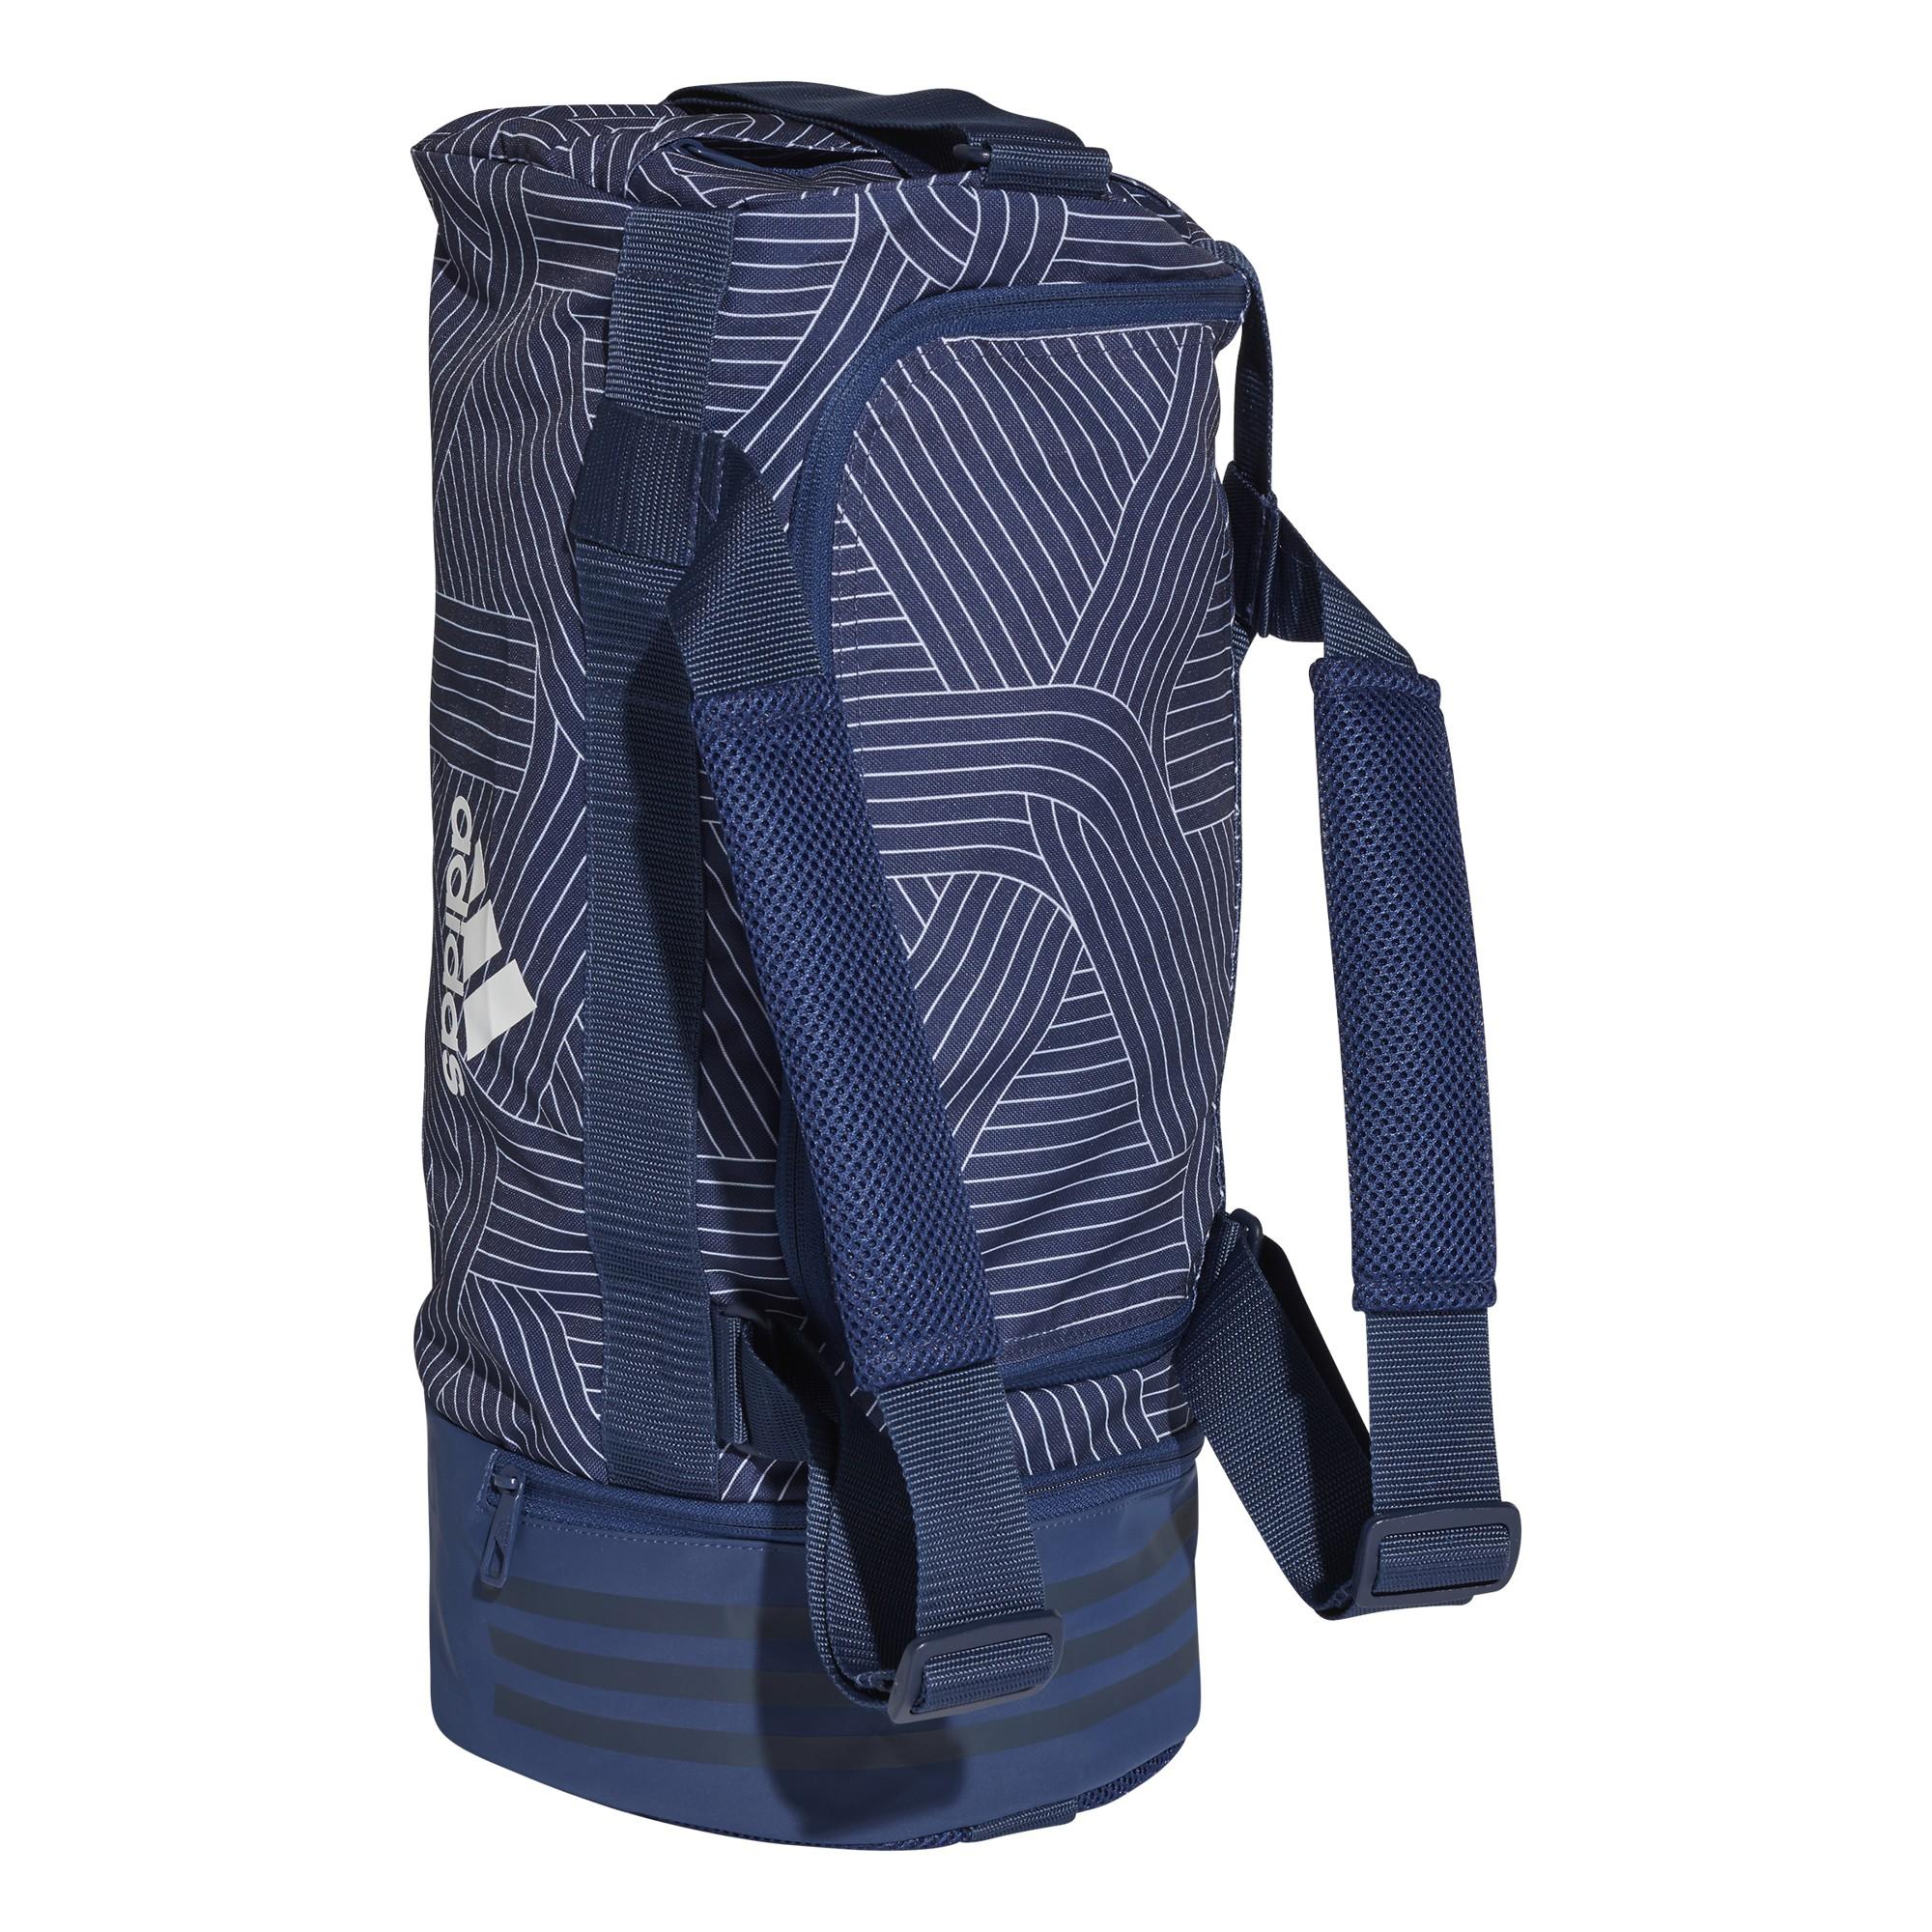 Bolsa Adidas Pequeña Convertible 3 Bandas Marino - Deportes Moya d6c94991ab47c